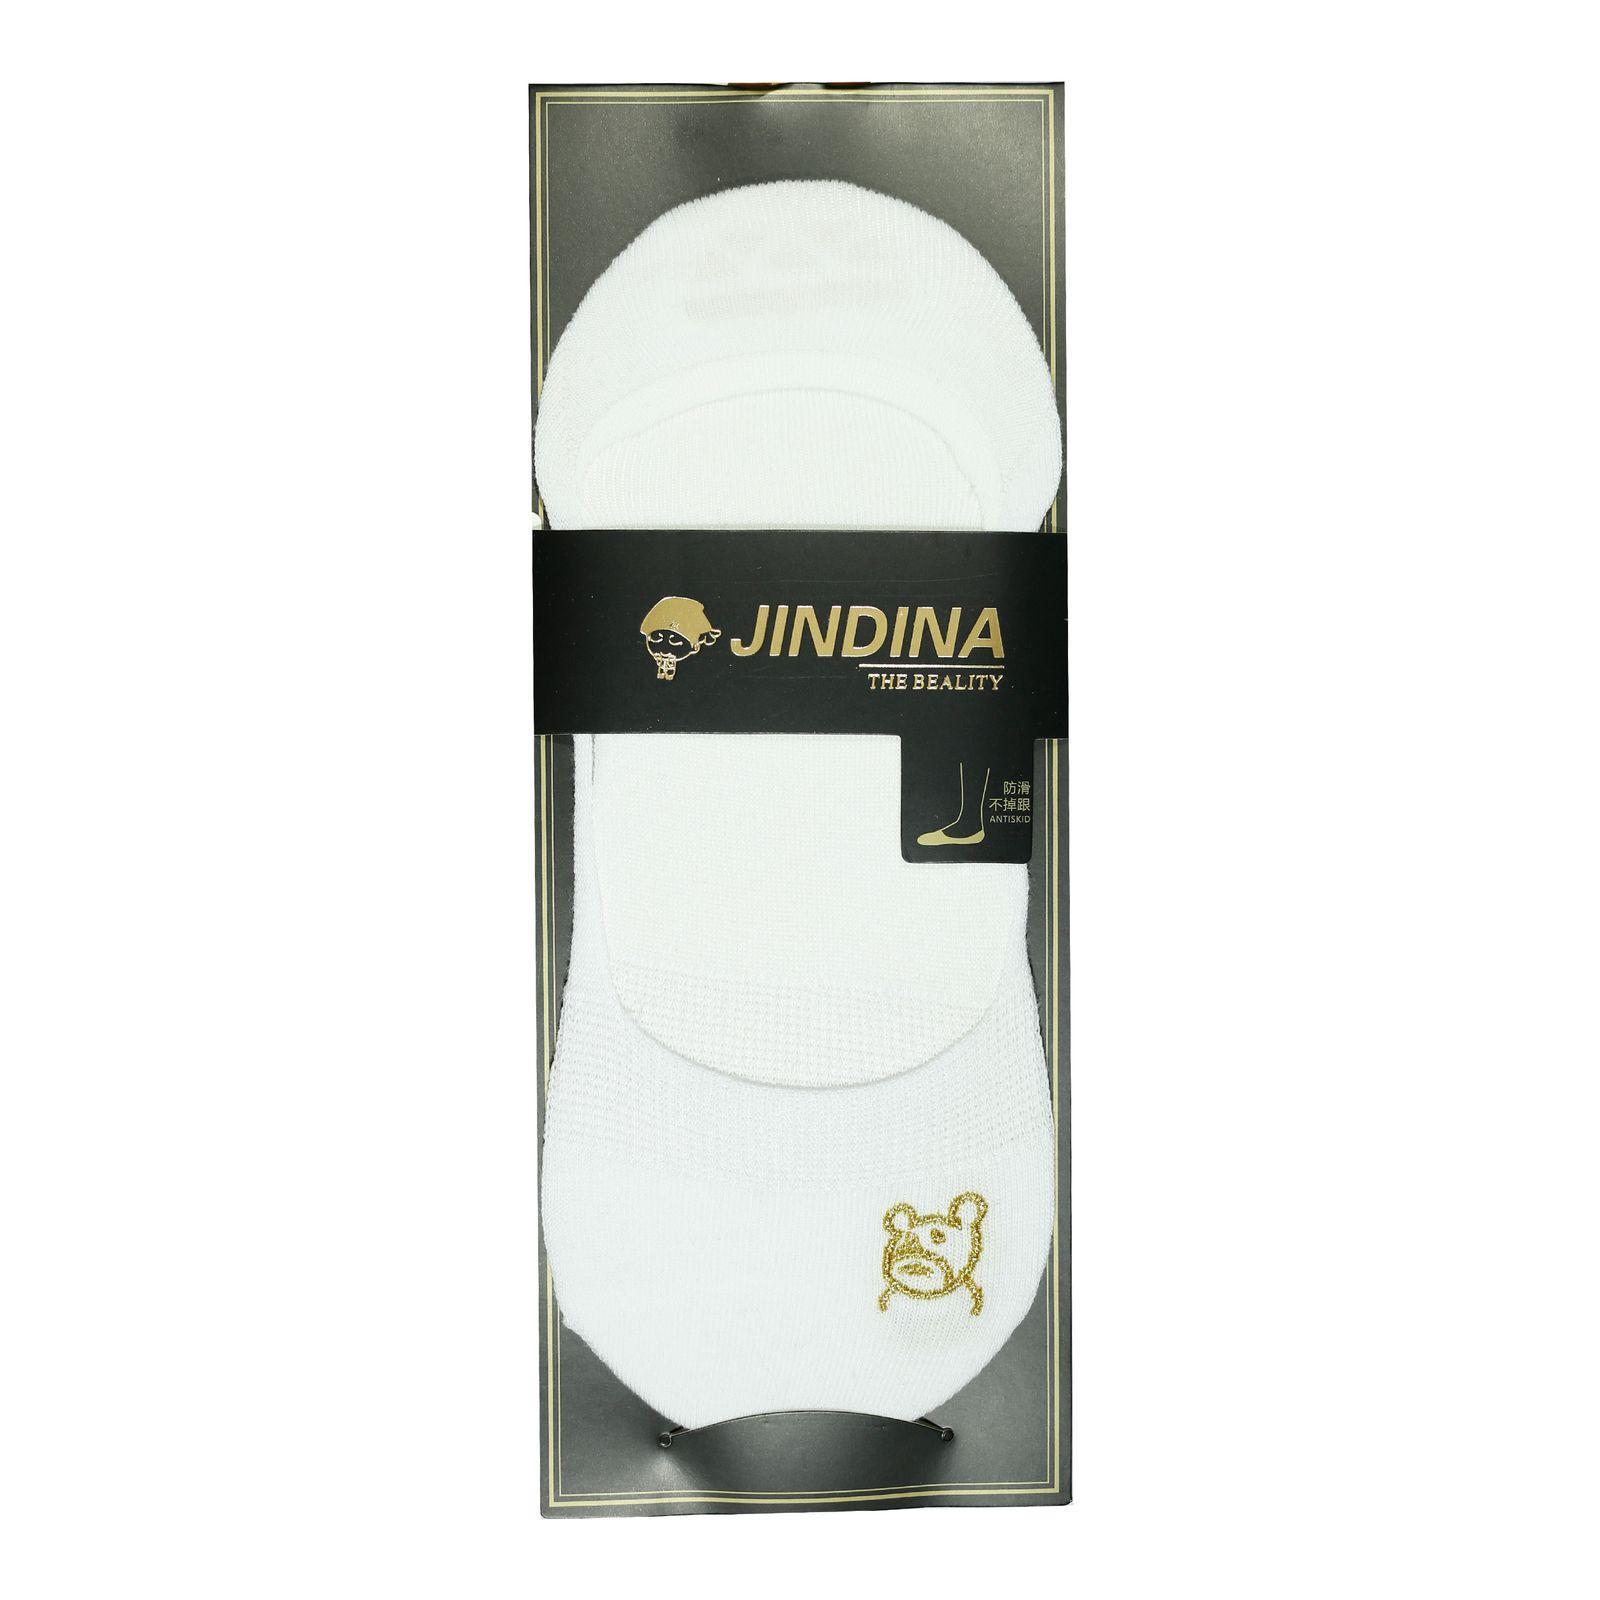 جوراب مردانه جین دینا کد RG-CK 104 -  - 3